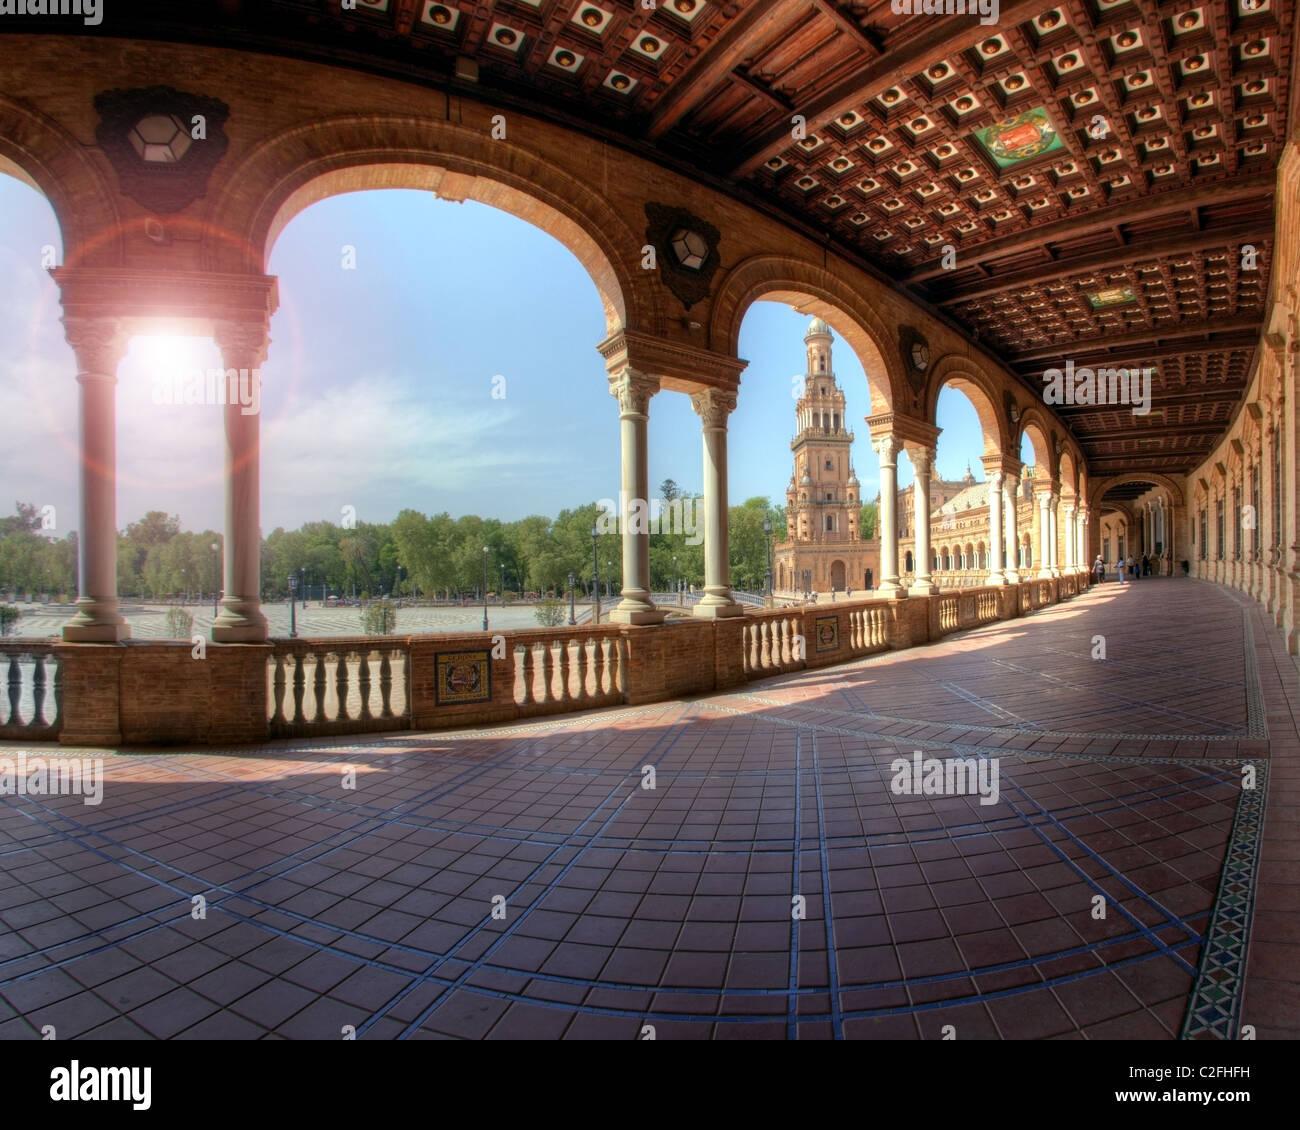 ES - ANDALUSIA: Seville's famous Plaza de Espana Stock Photo